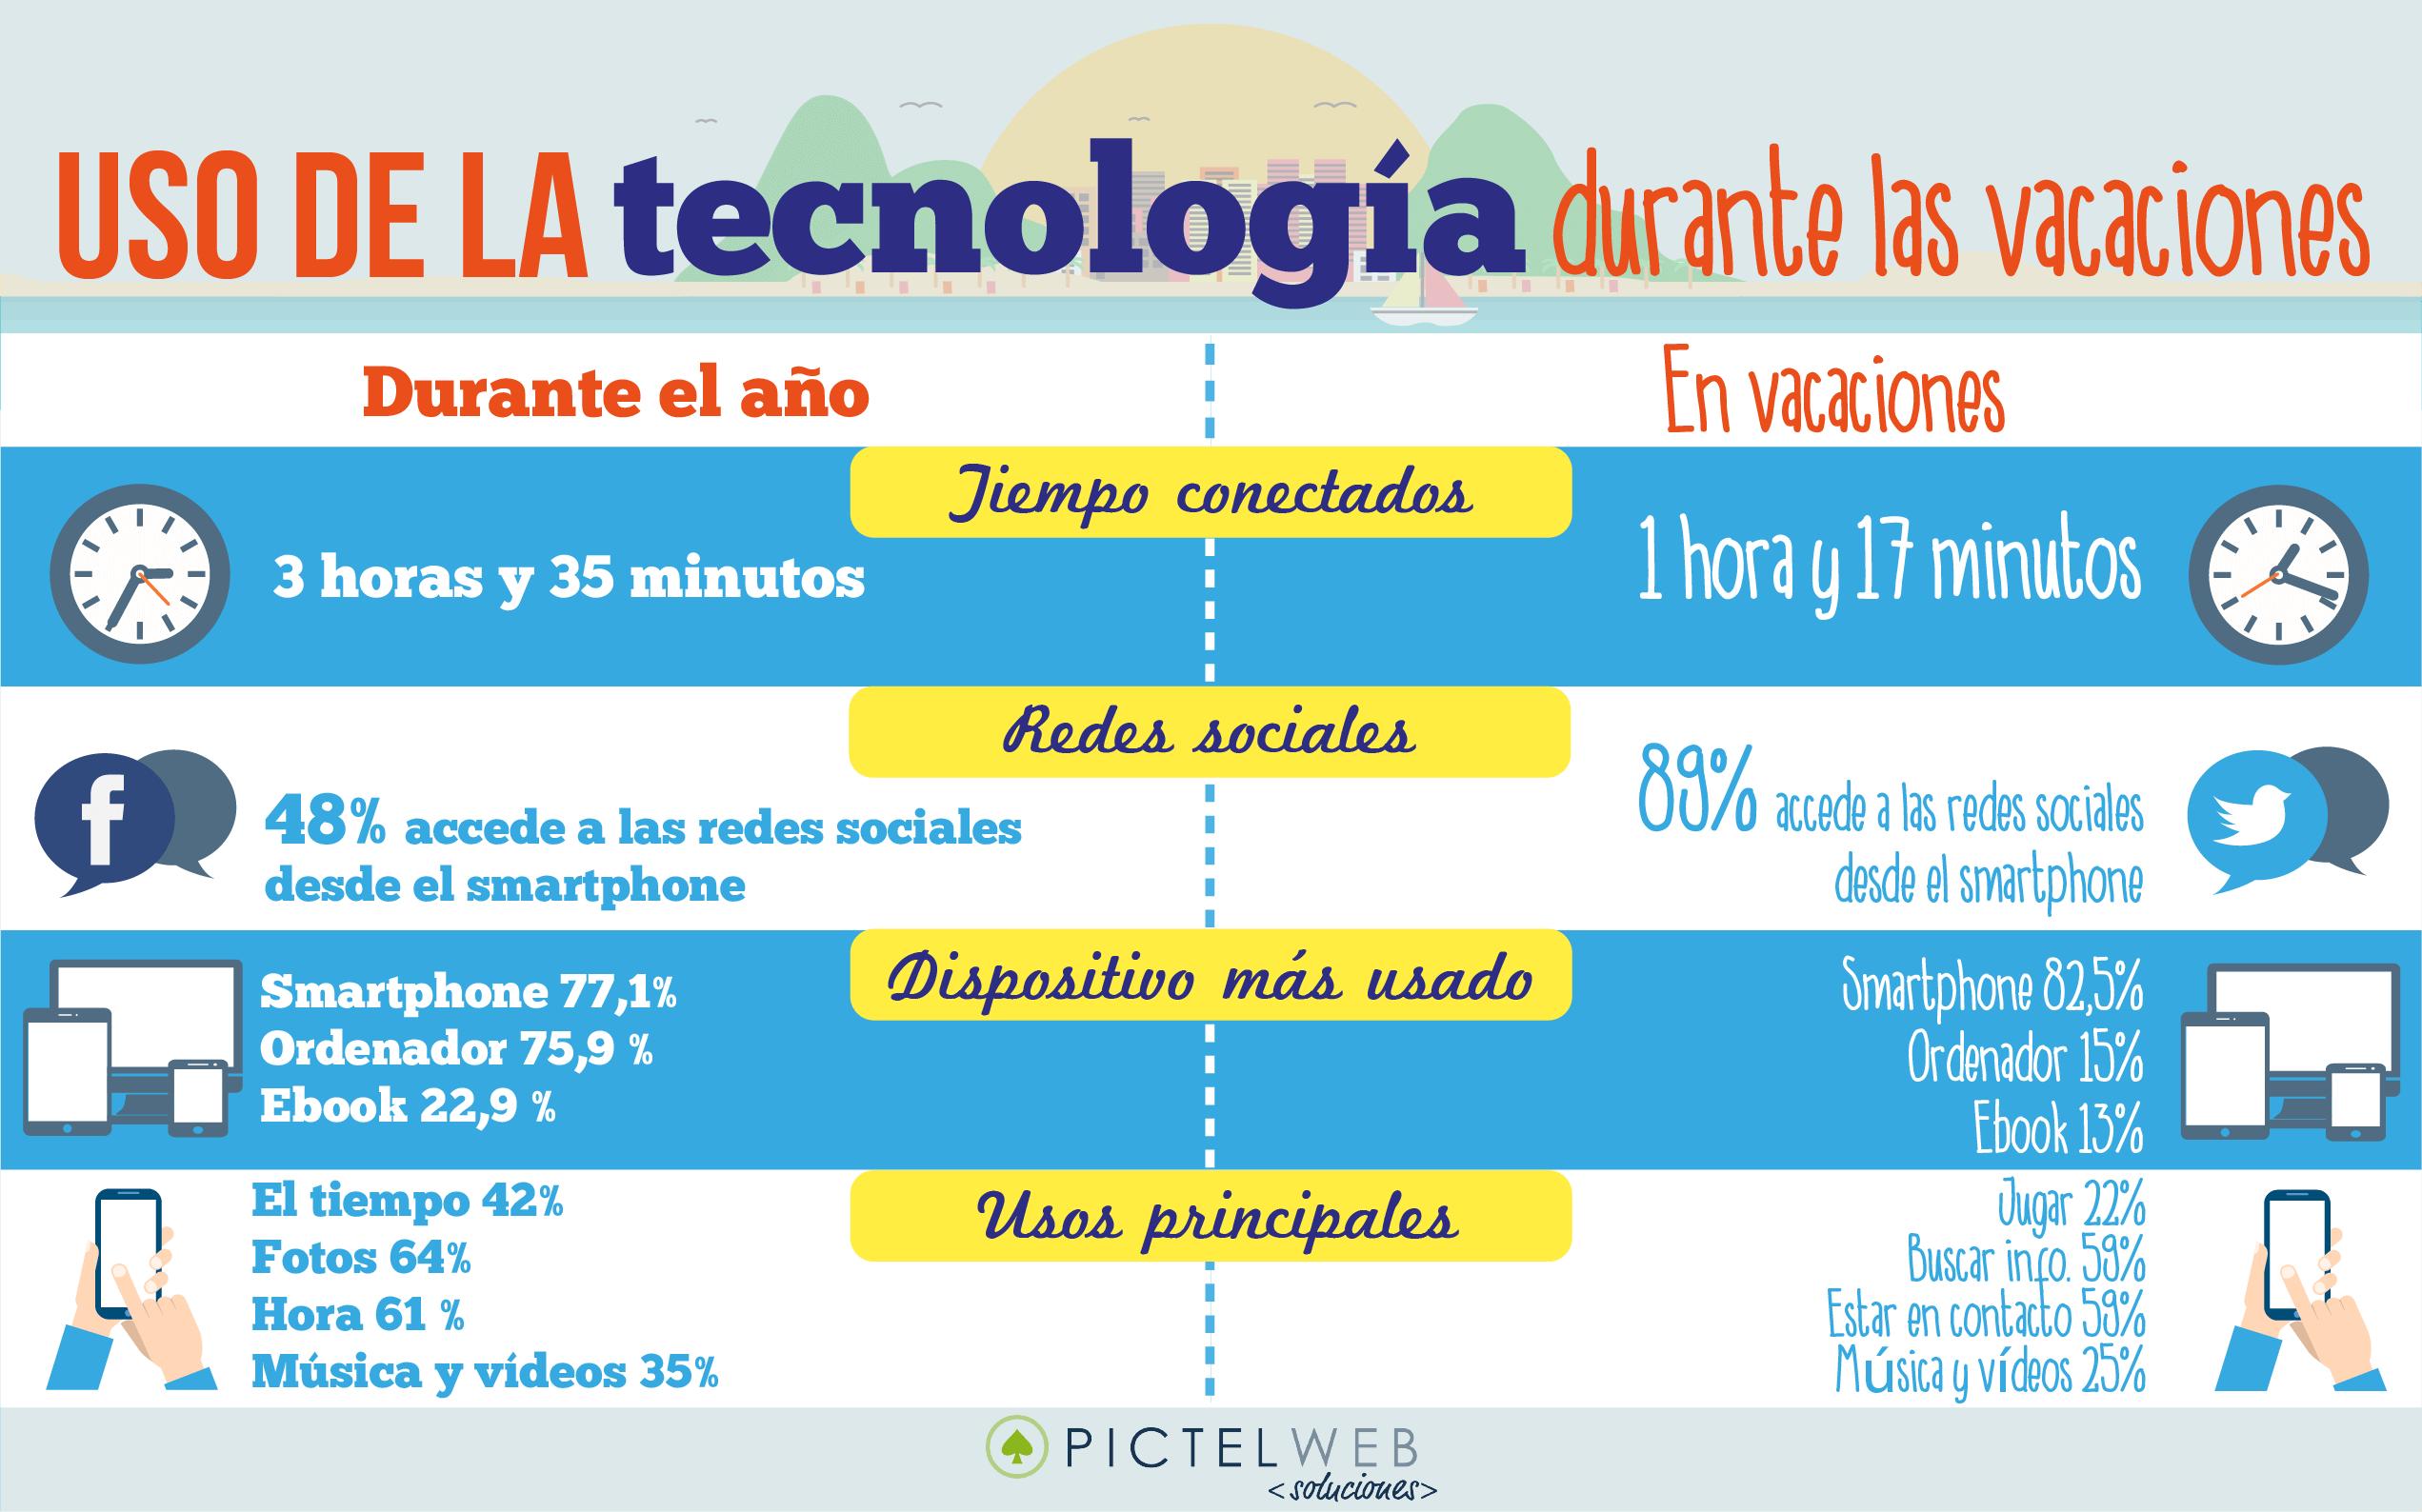 [Infografía] Uso de la tecnología durante las vacaciones